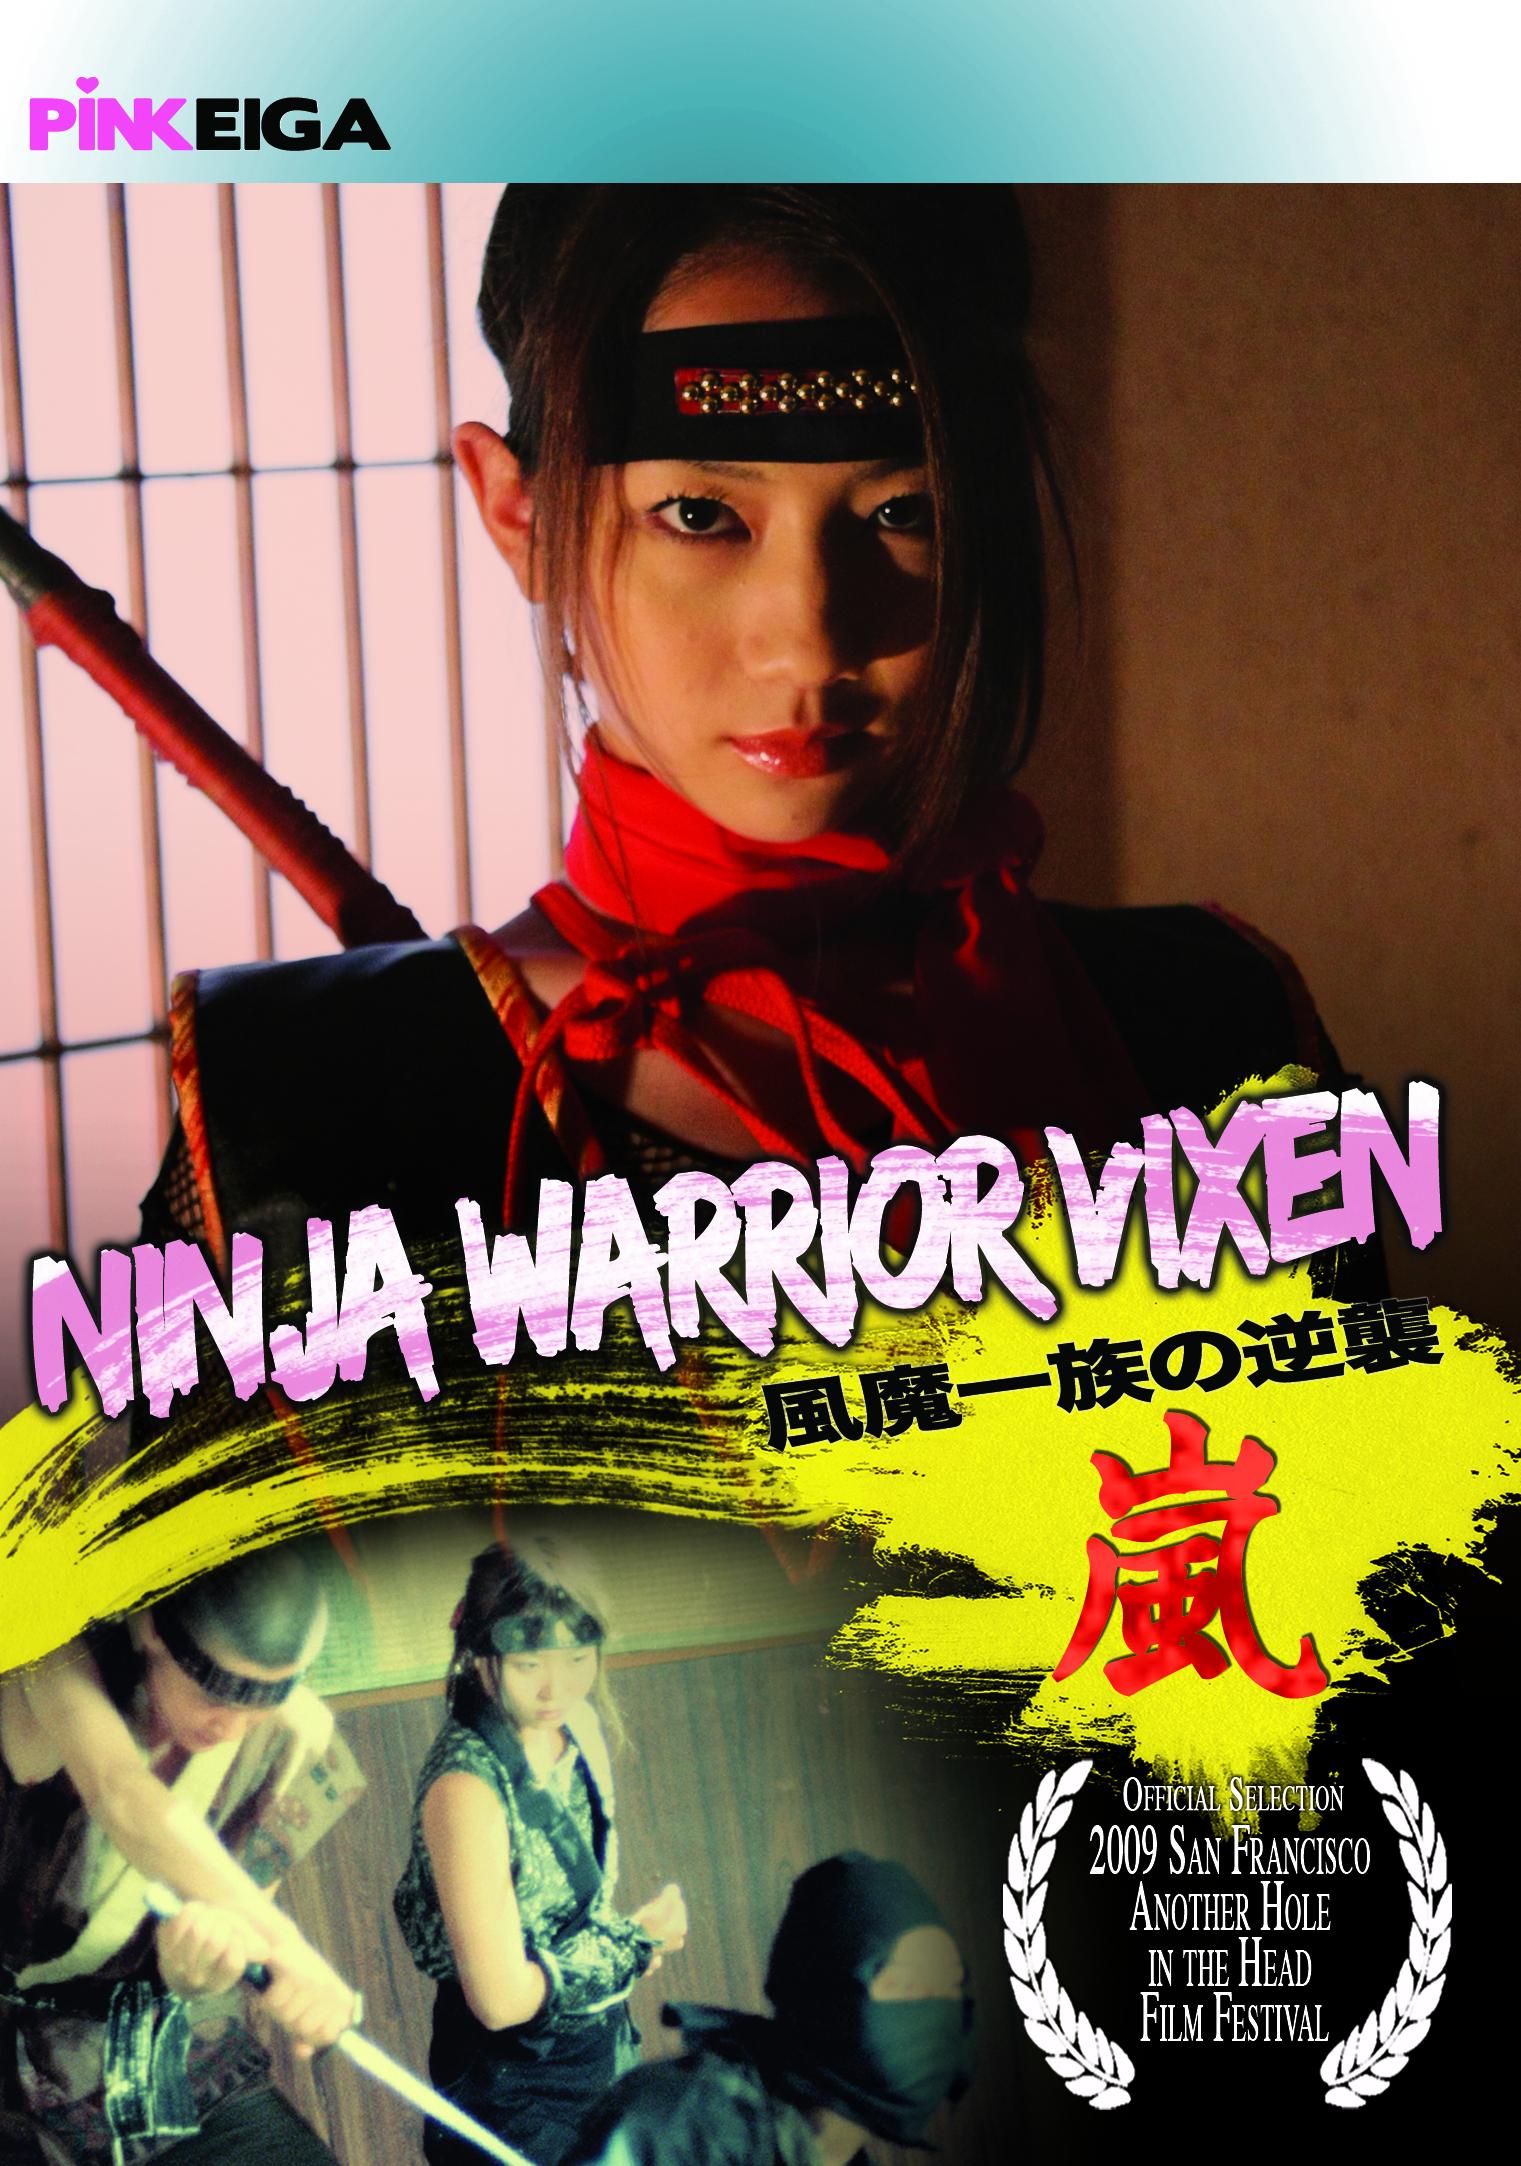 Ninja Pussy Cat  (Ninja Warrior Vixen) DVD